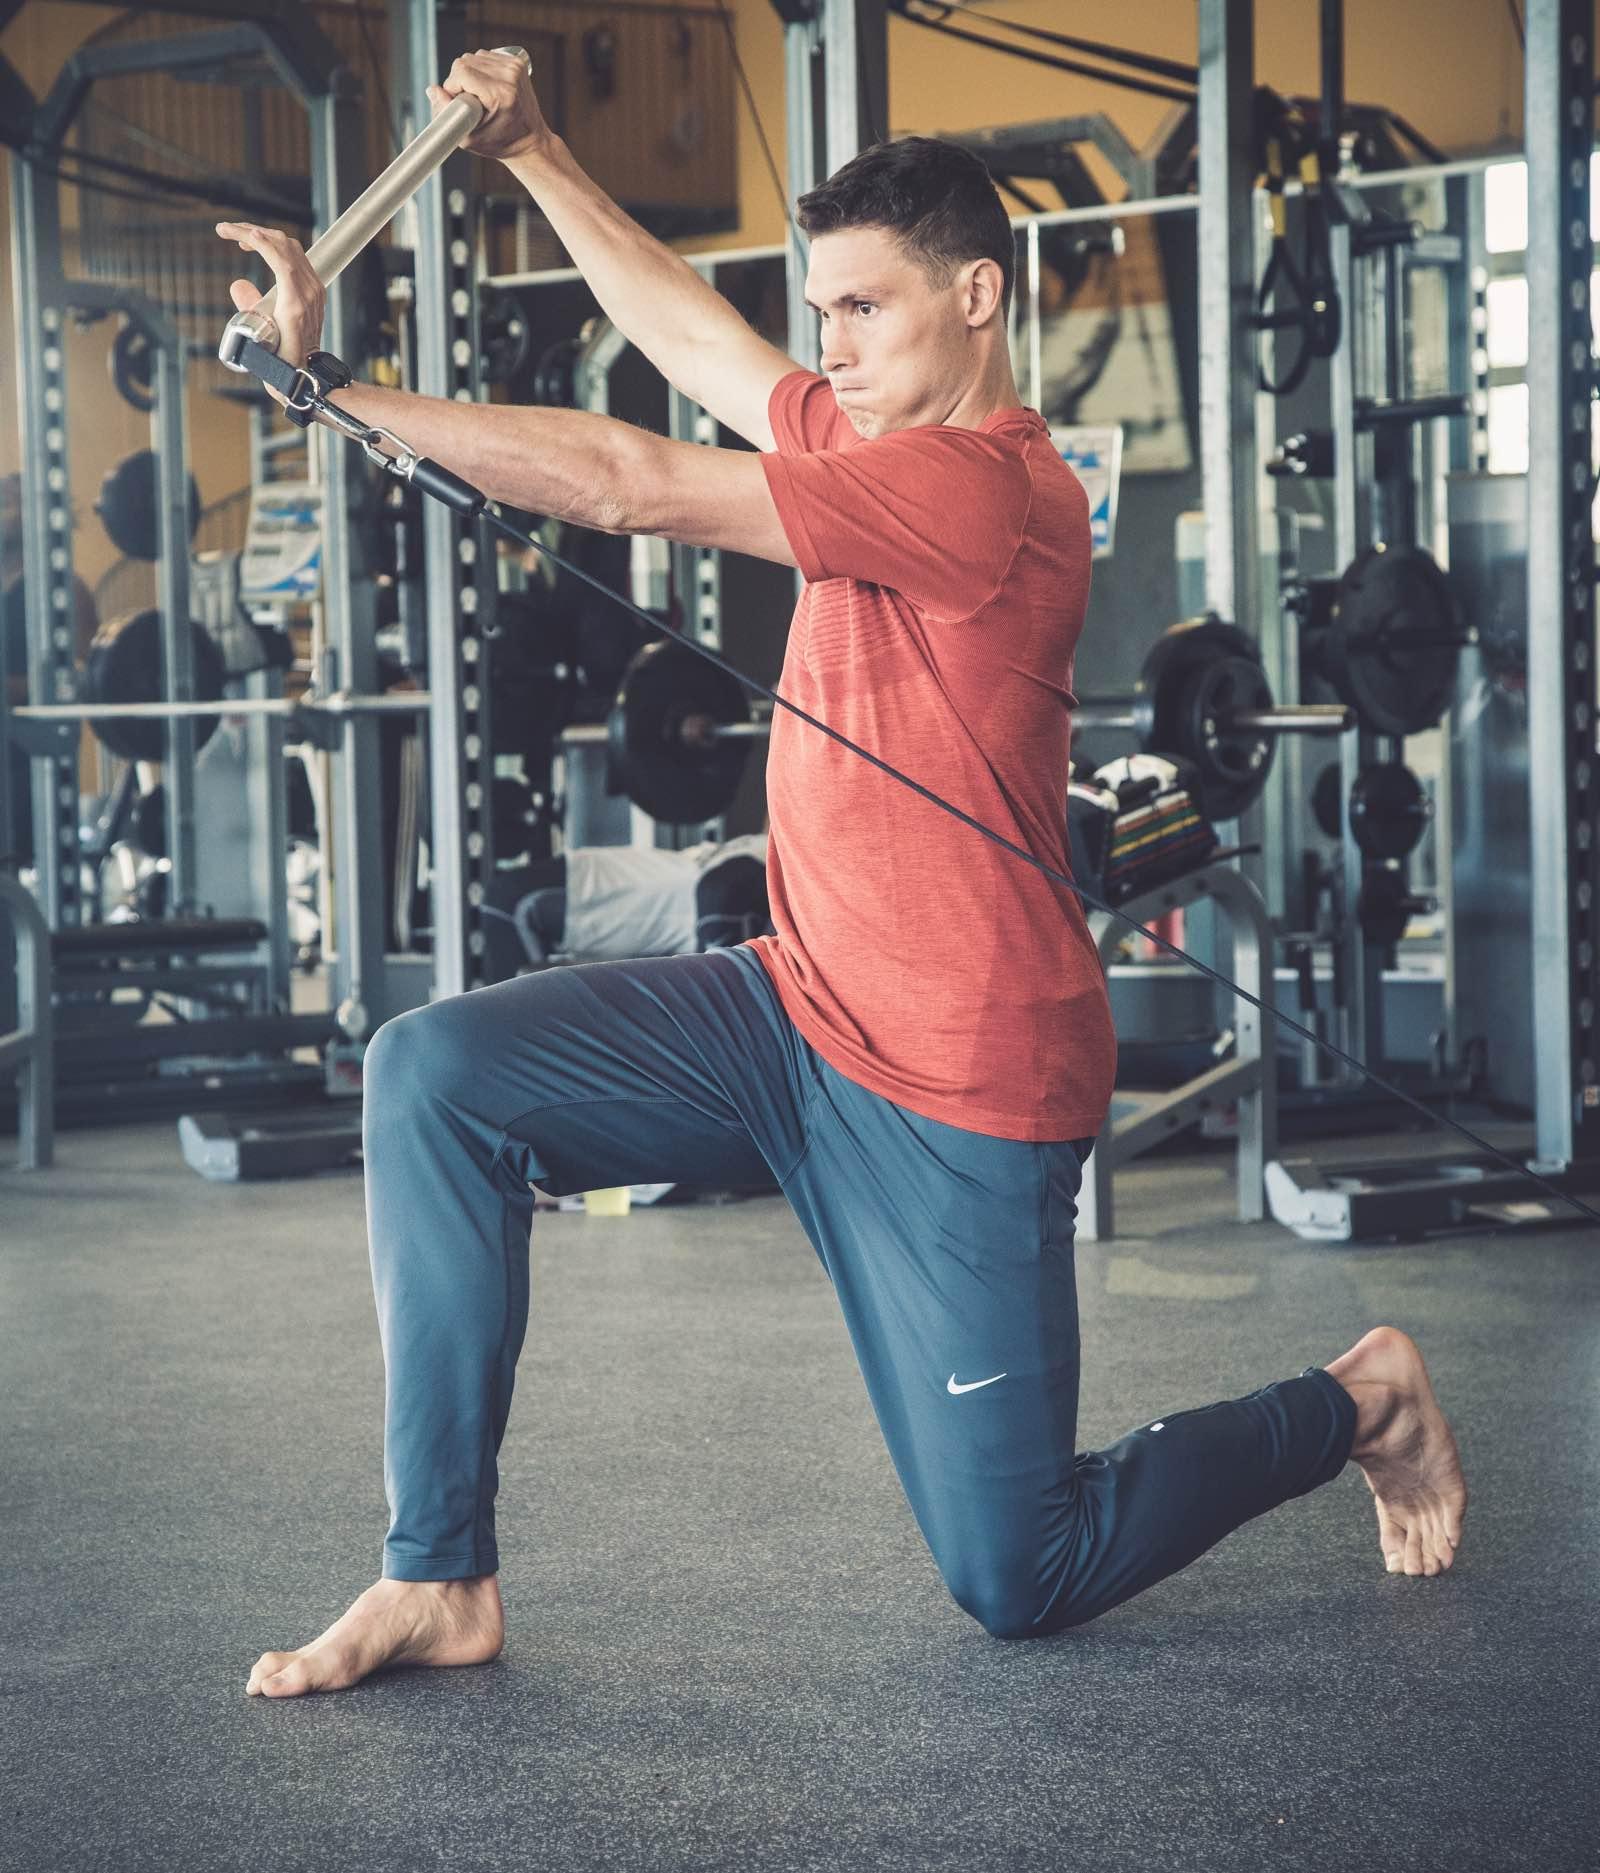 Sensomotorisches Training zur Prävention von Sprunggelenksverletzungen